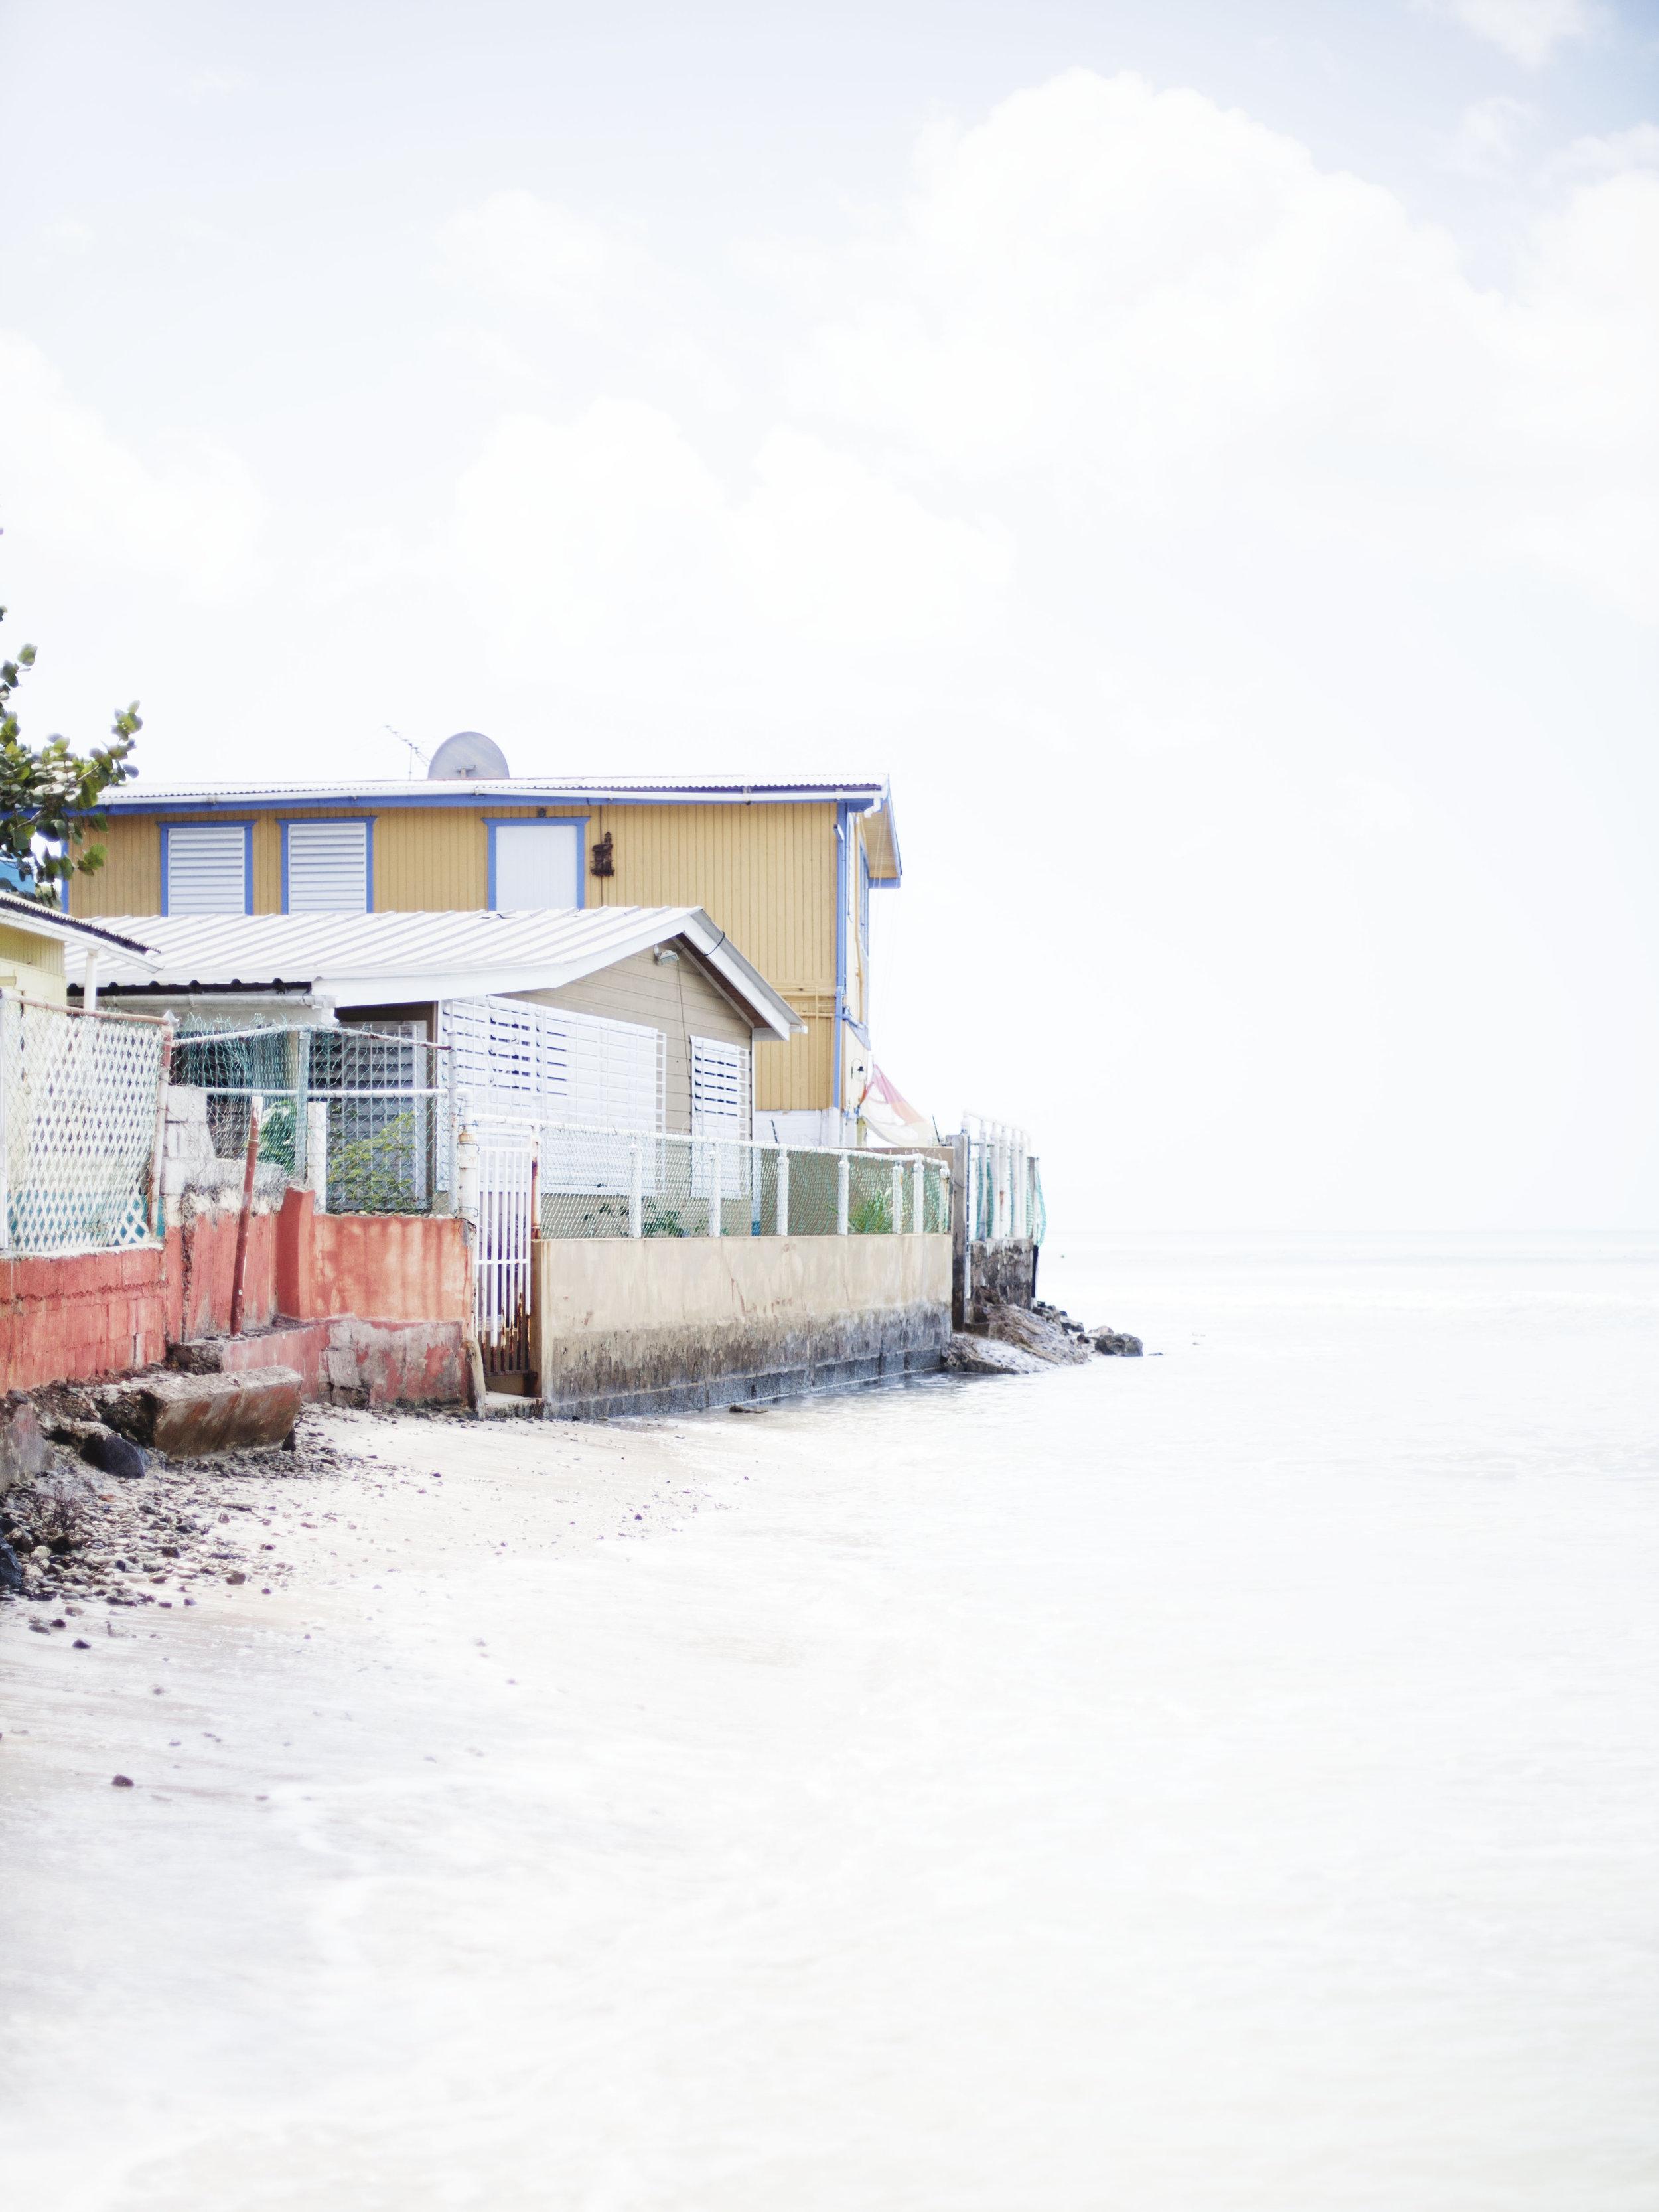 Puerto_Rico_42 copy.jpg